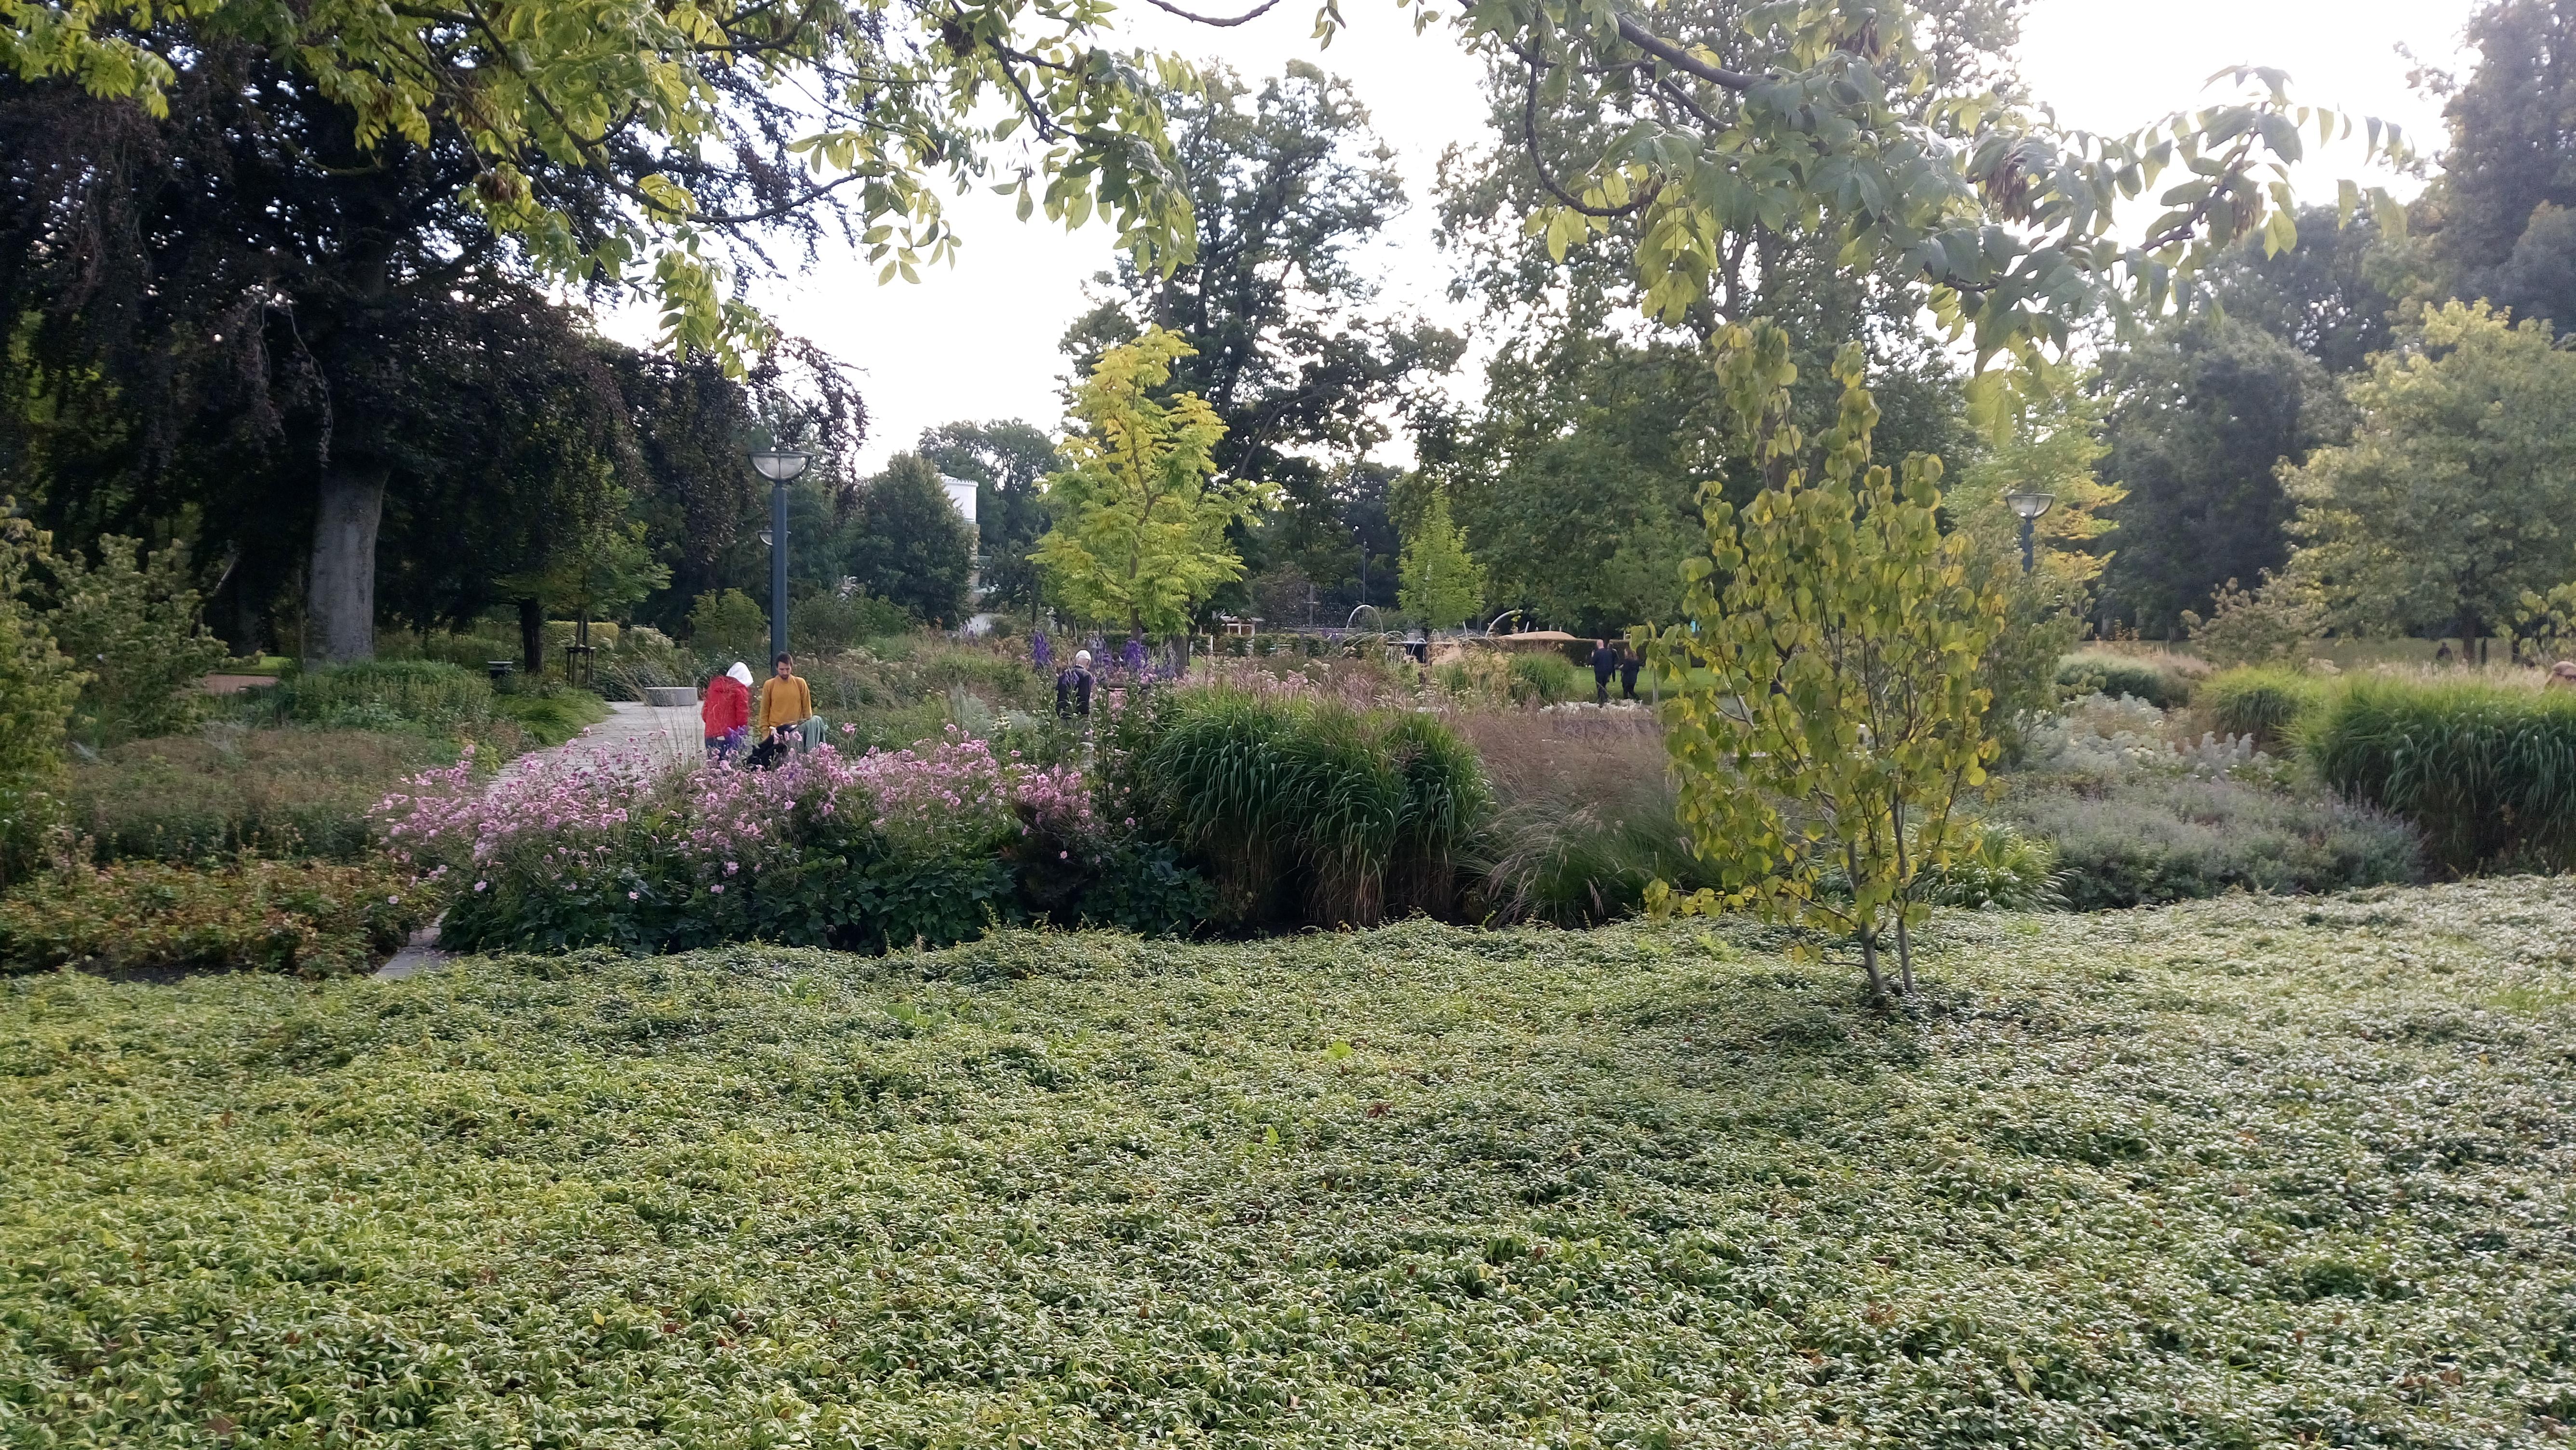 Solens och skuggans trädgård. Hav av vintergröna med näsduksträd i buskform.